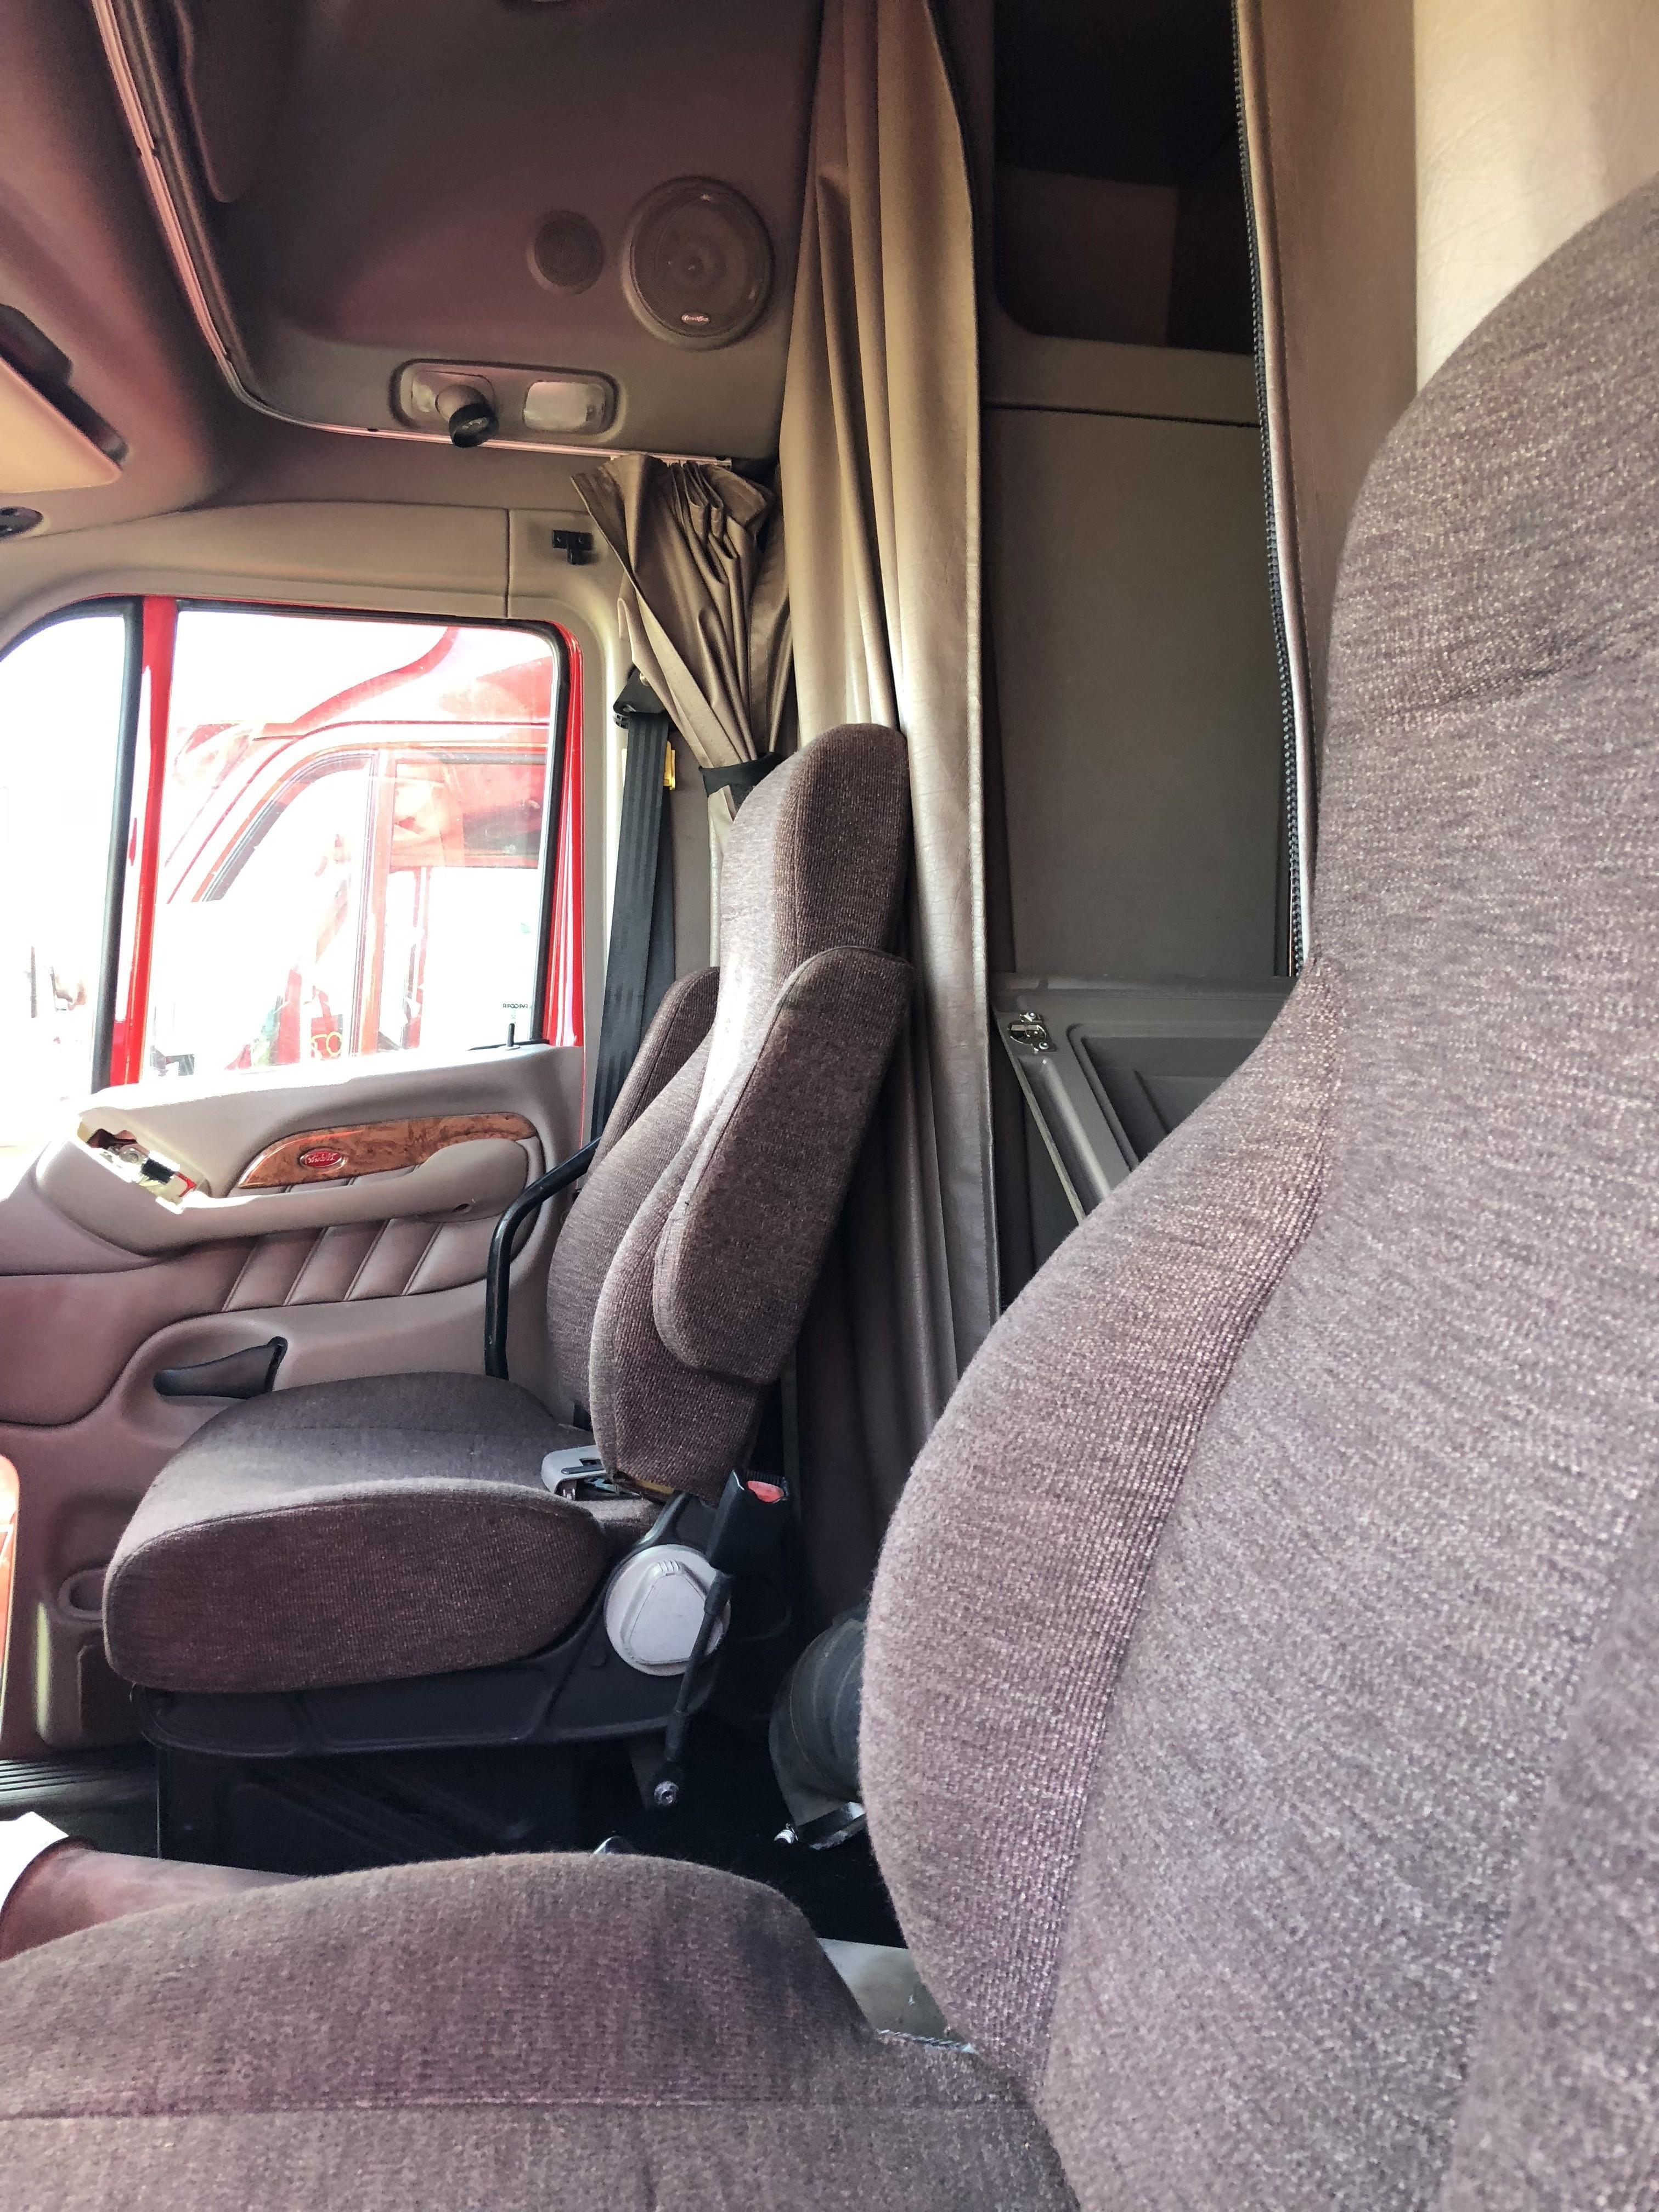 Used 2010 Peterbilt 387 for sale-59087106